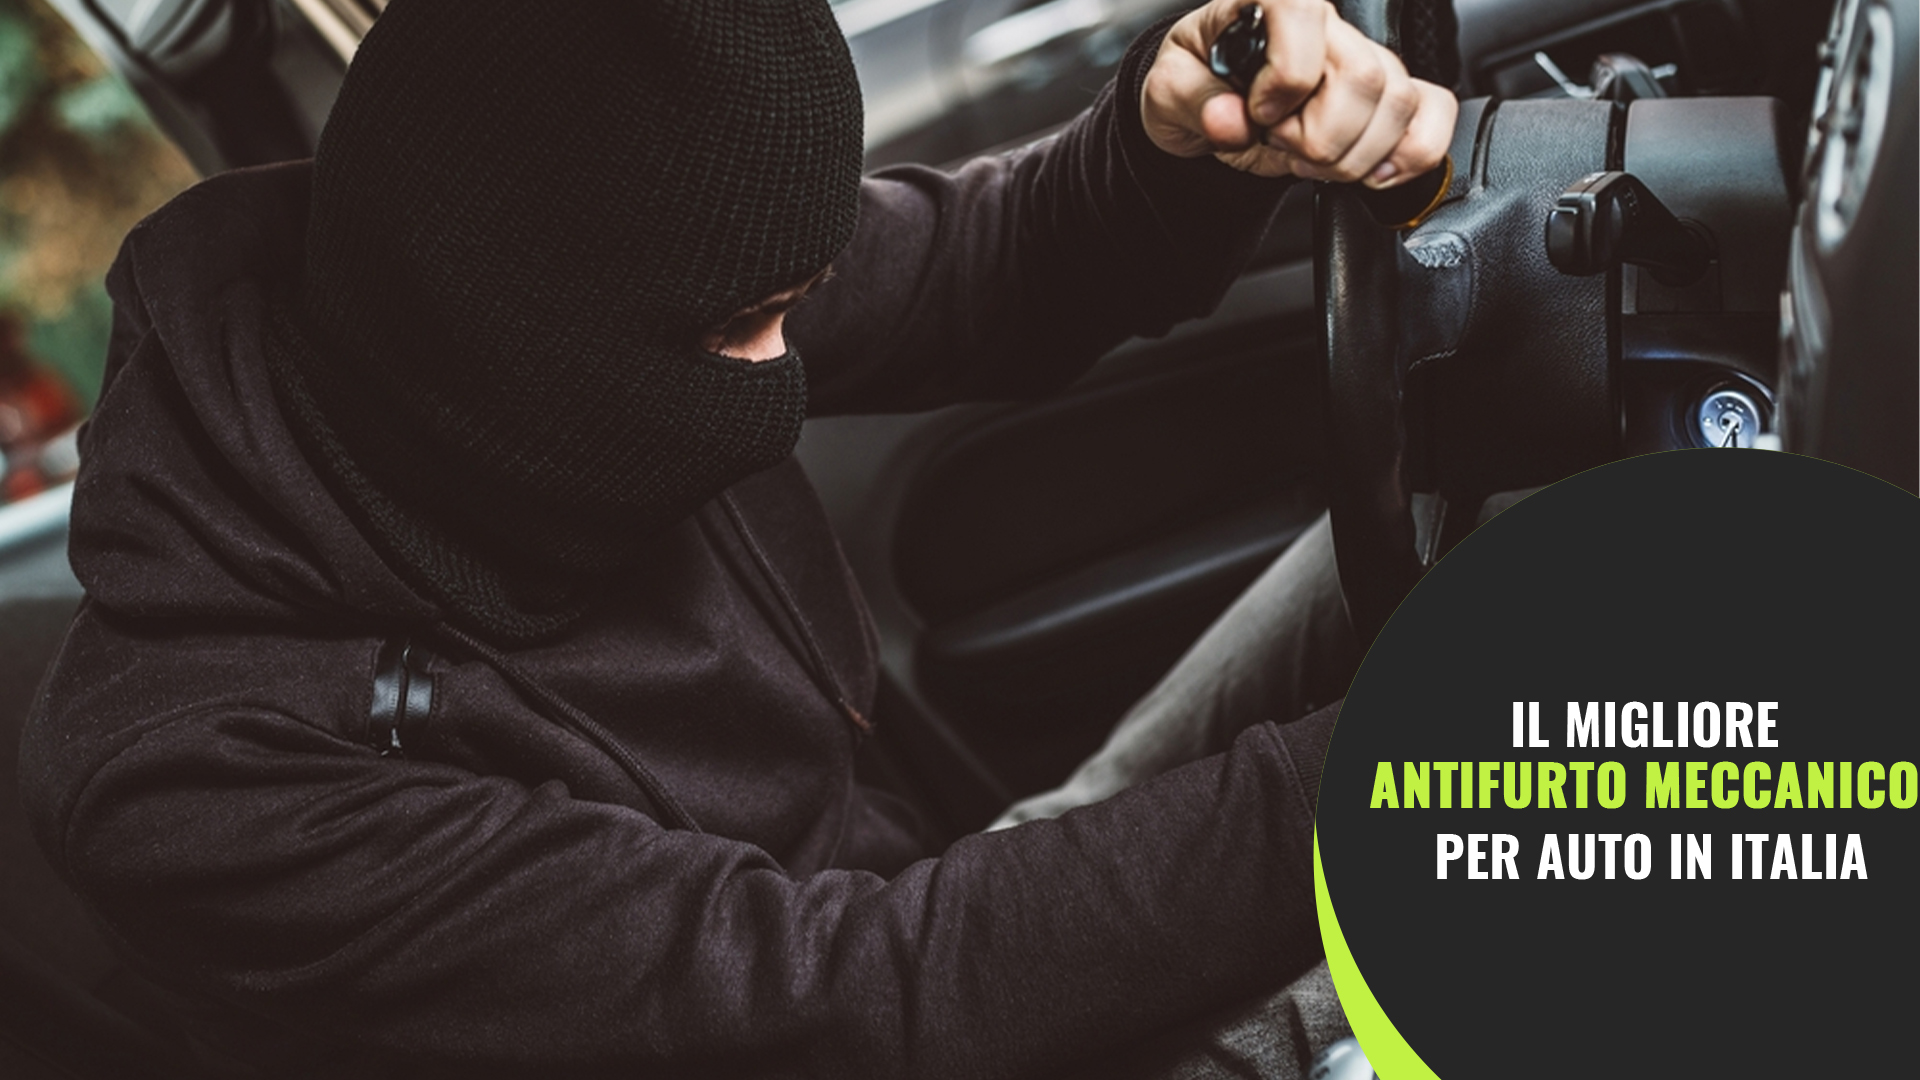 antifurto meccanico per auto defender car security